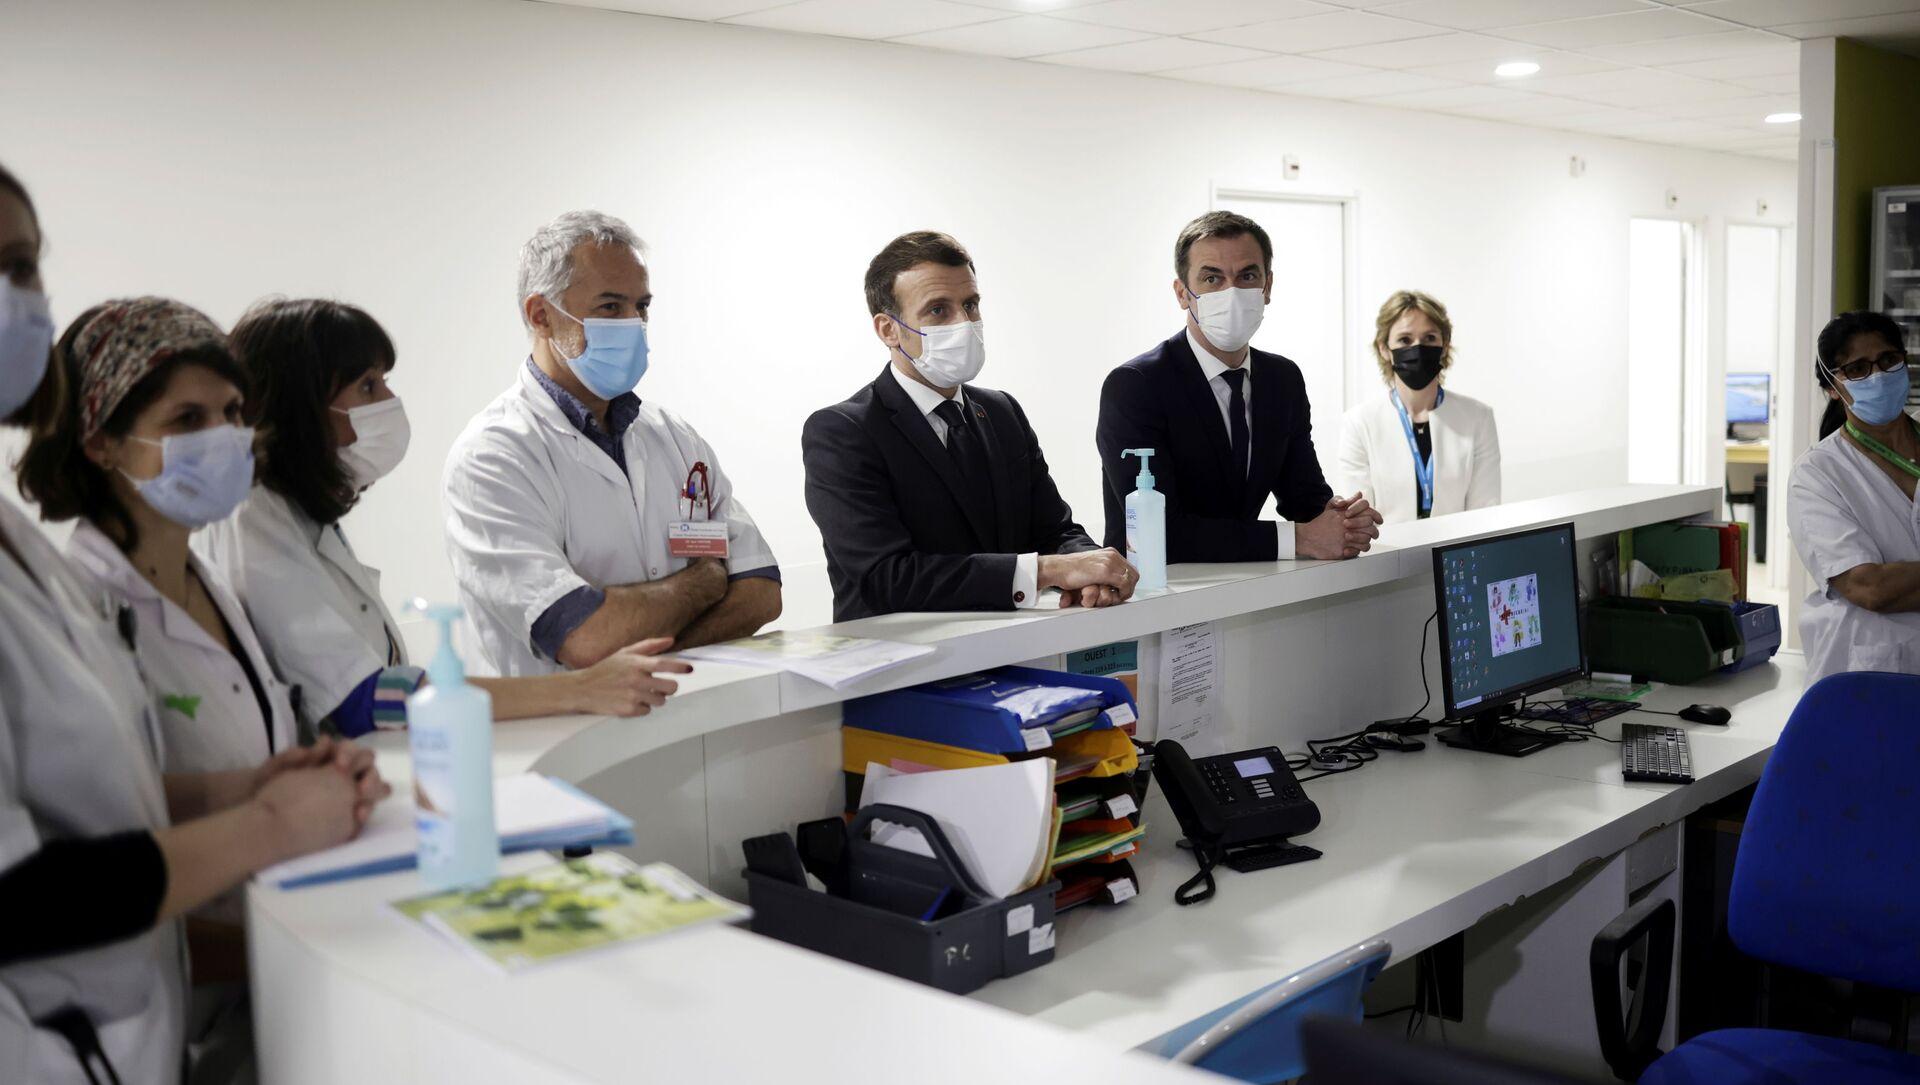 Emmanuel Macron et Olivier Véran lors de la visite de l'hôpital intercommunal de Poissy-Saint-Germain-en-Laye - Sputnik France, 1920, 17.03.2021